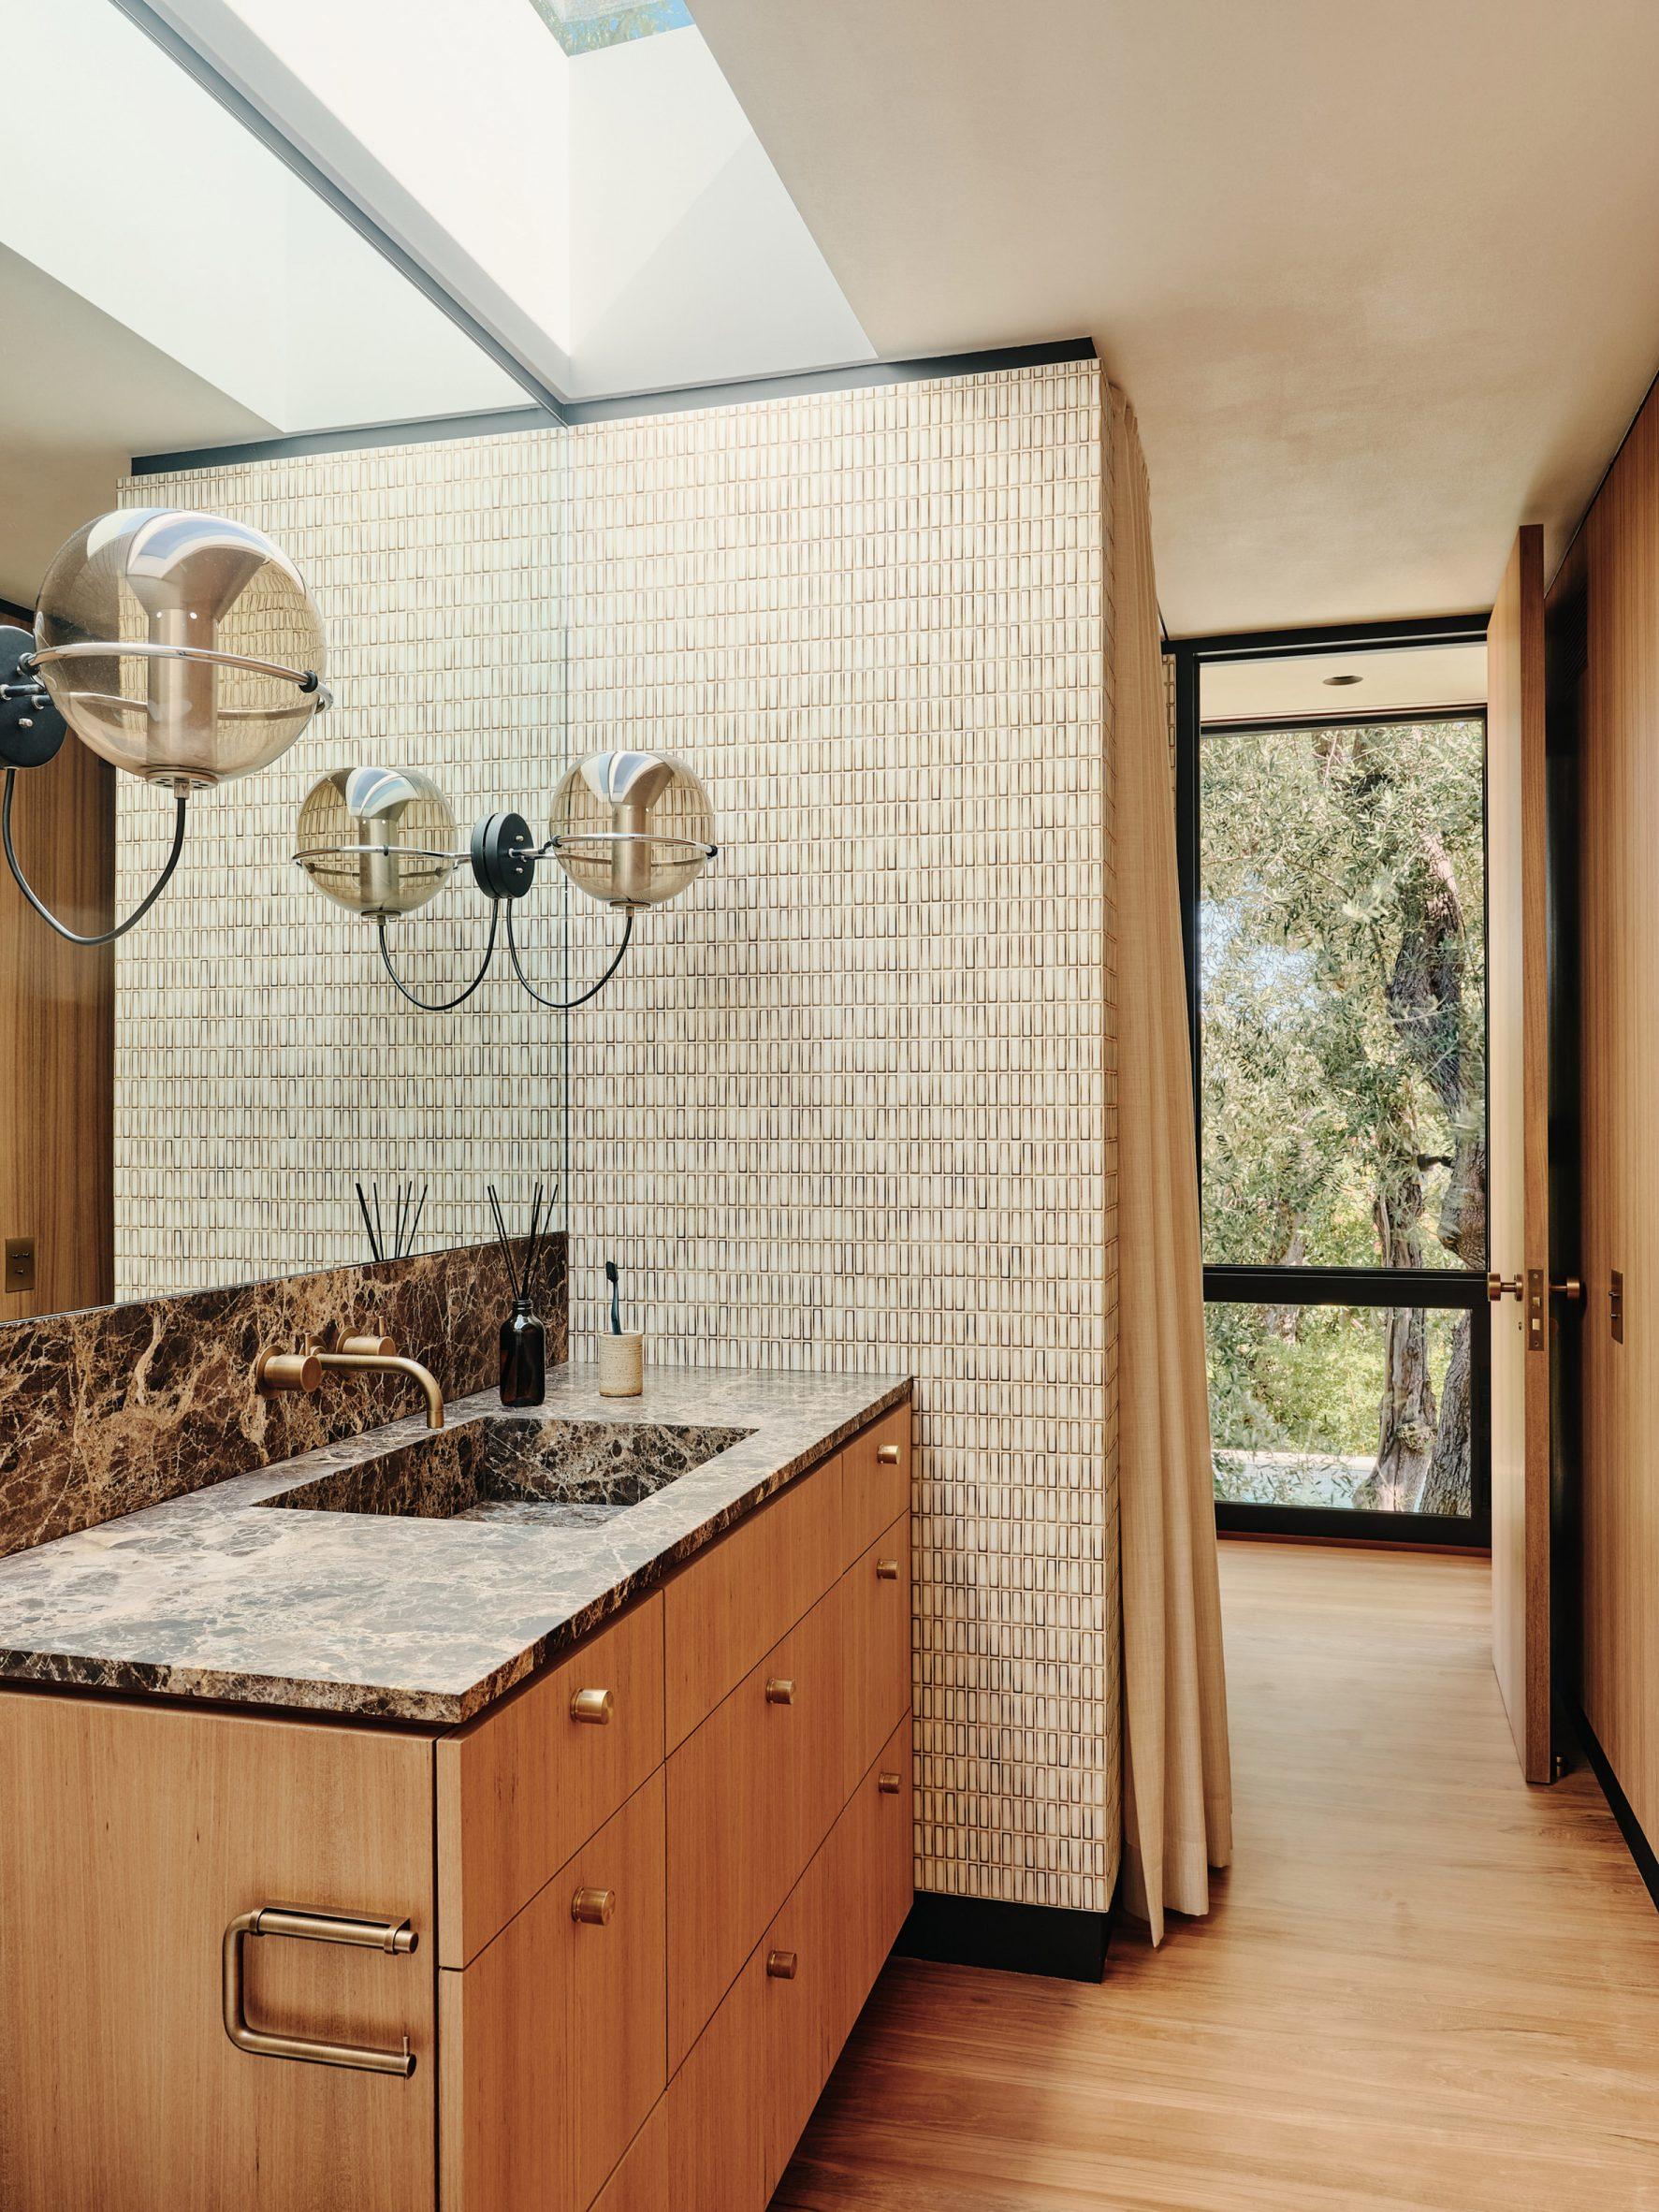 Globe-shaped pendants by Frank Ligtelijn in the guest bathroom